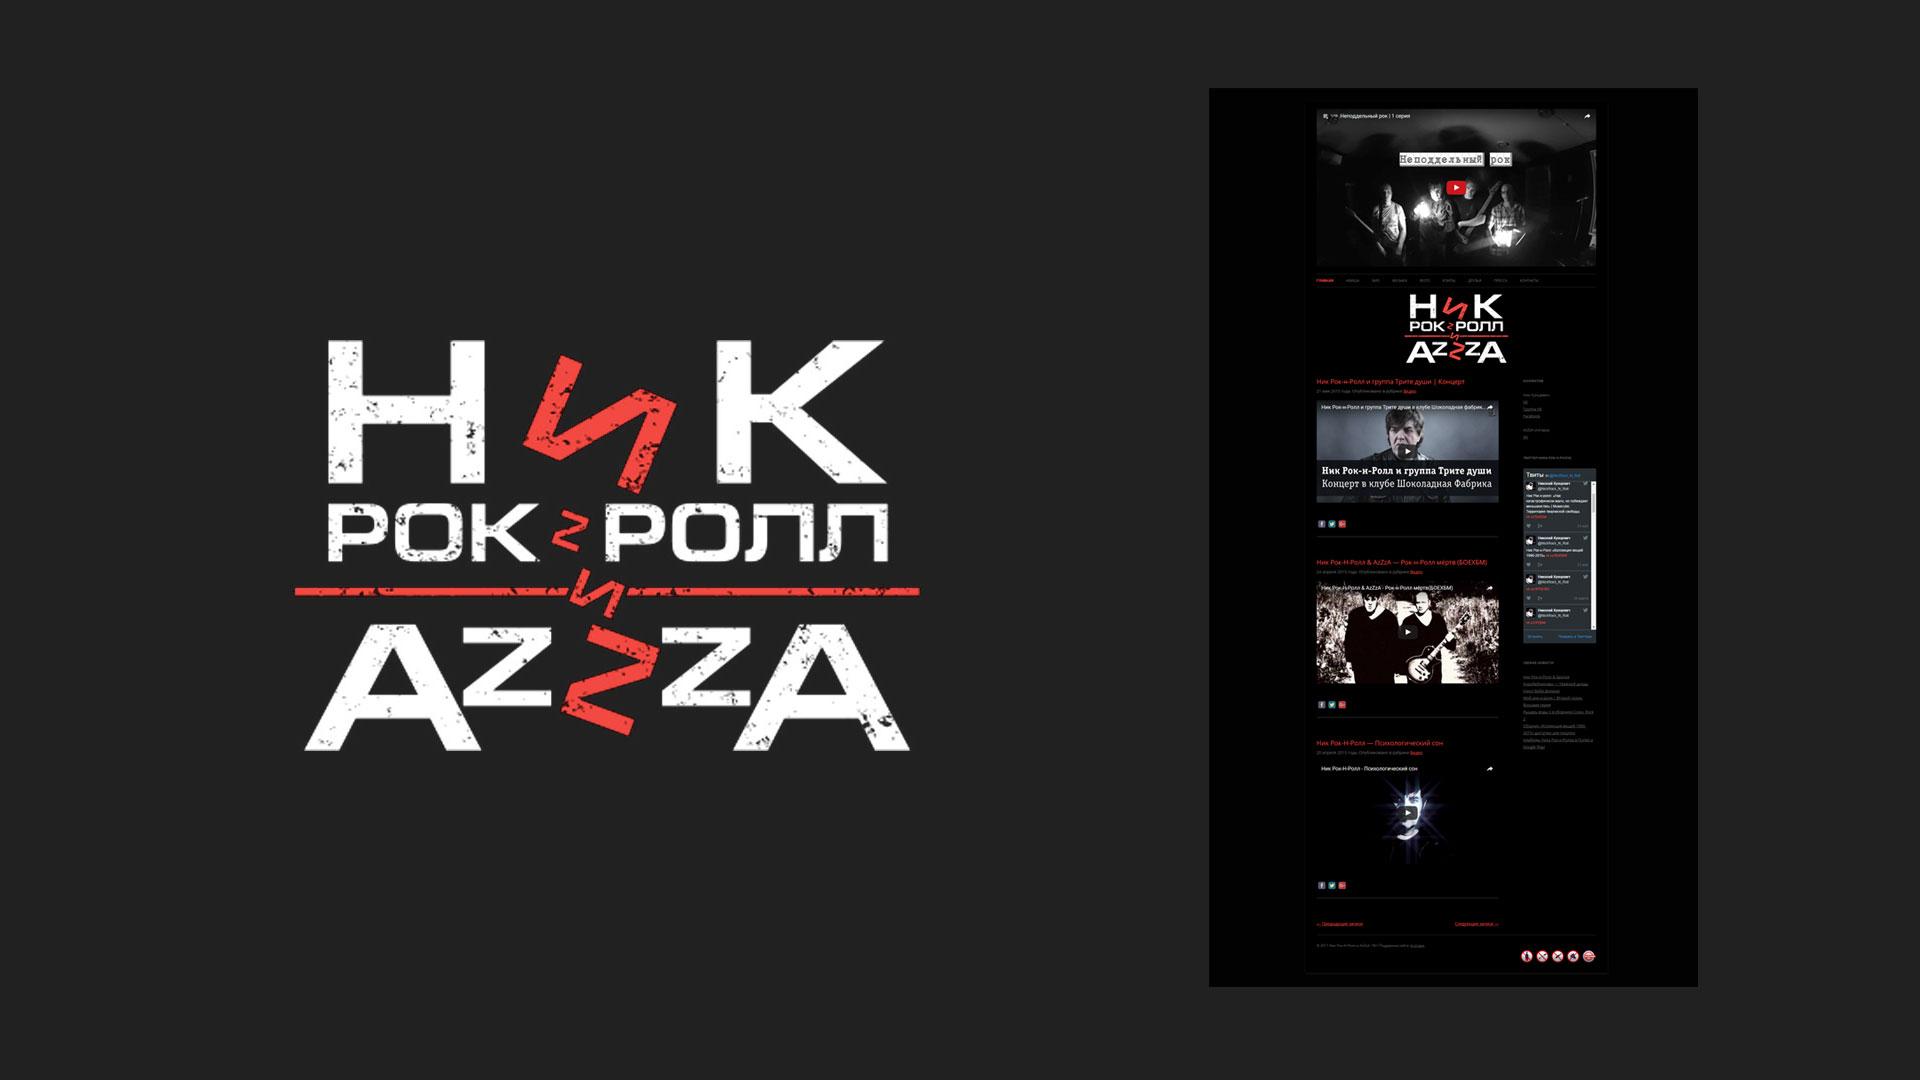 Ник Рок-Н-Ролл и AzZzA